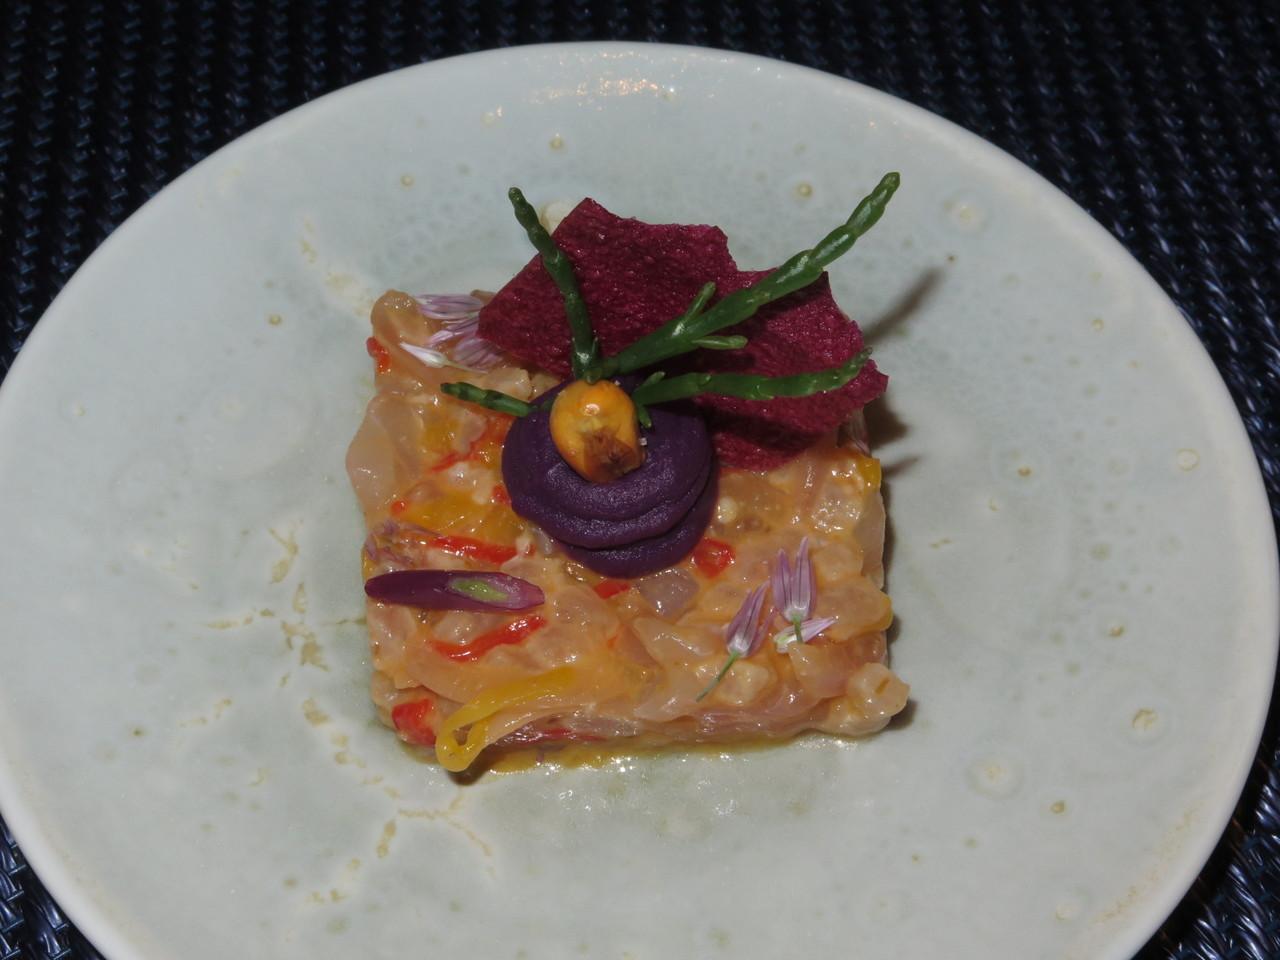 Tártaro de carapau, escabeche e batata-doce roxa